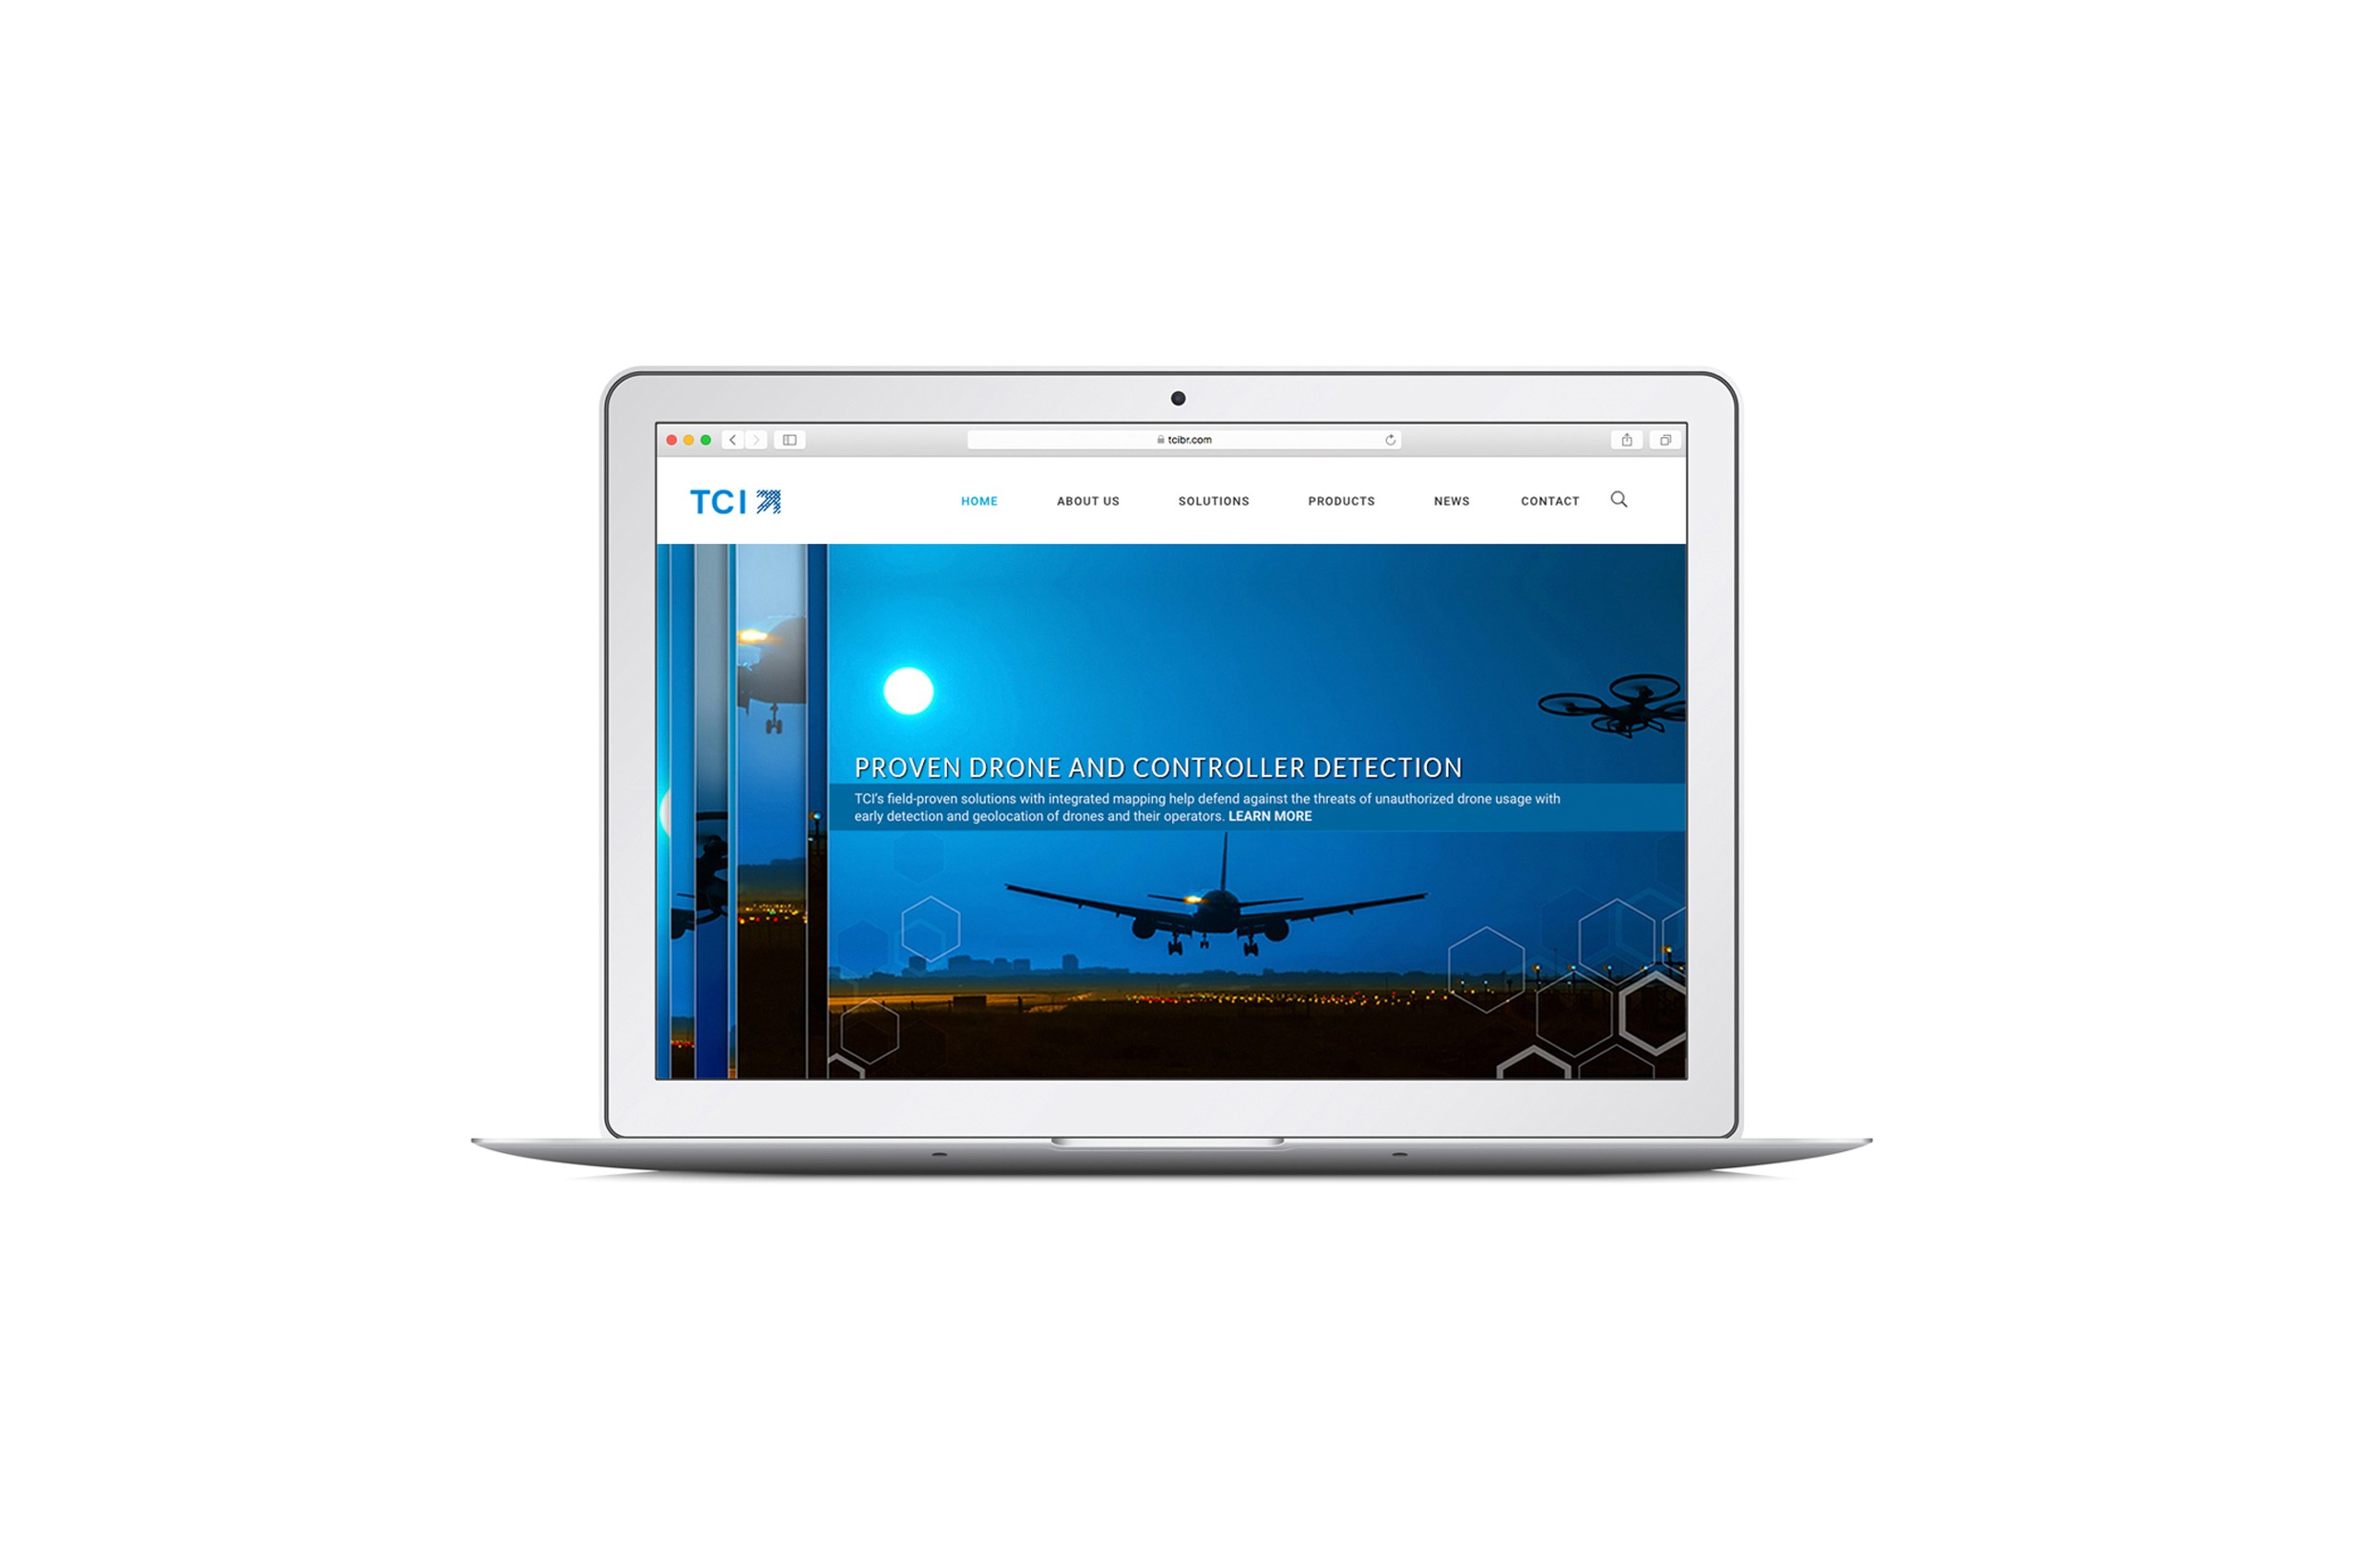 TCI WEBSITE